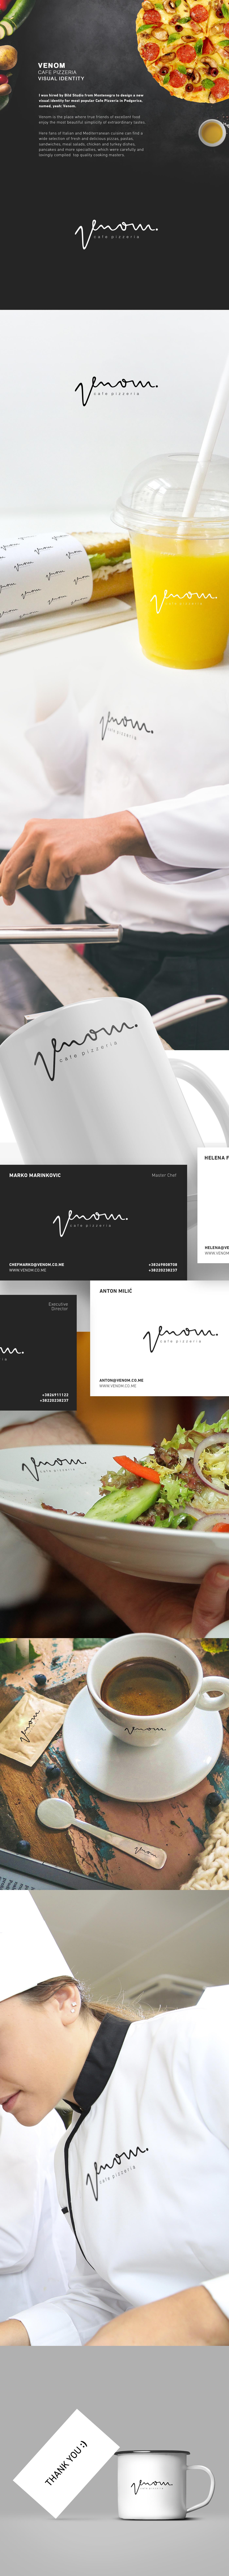 design logo creative art venom simple restaurant pizzeria